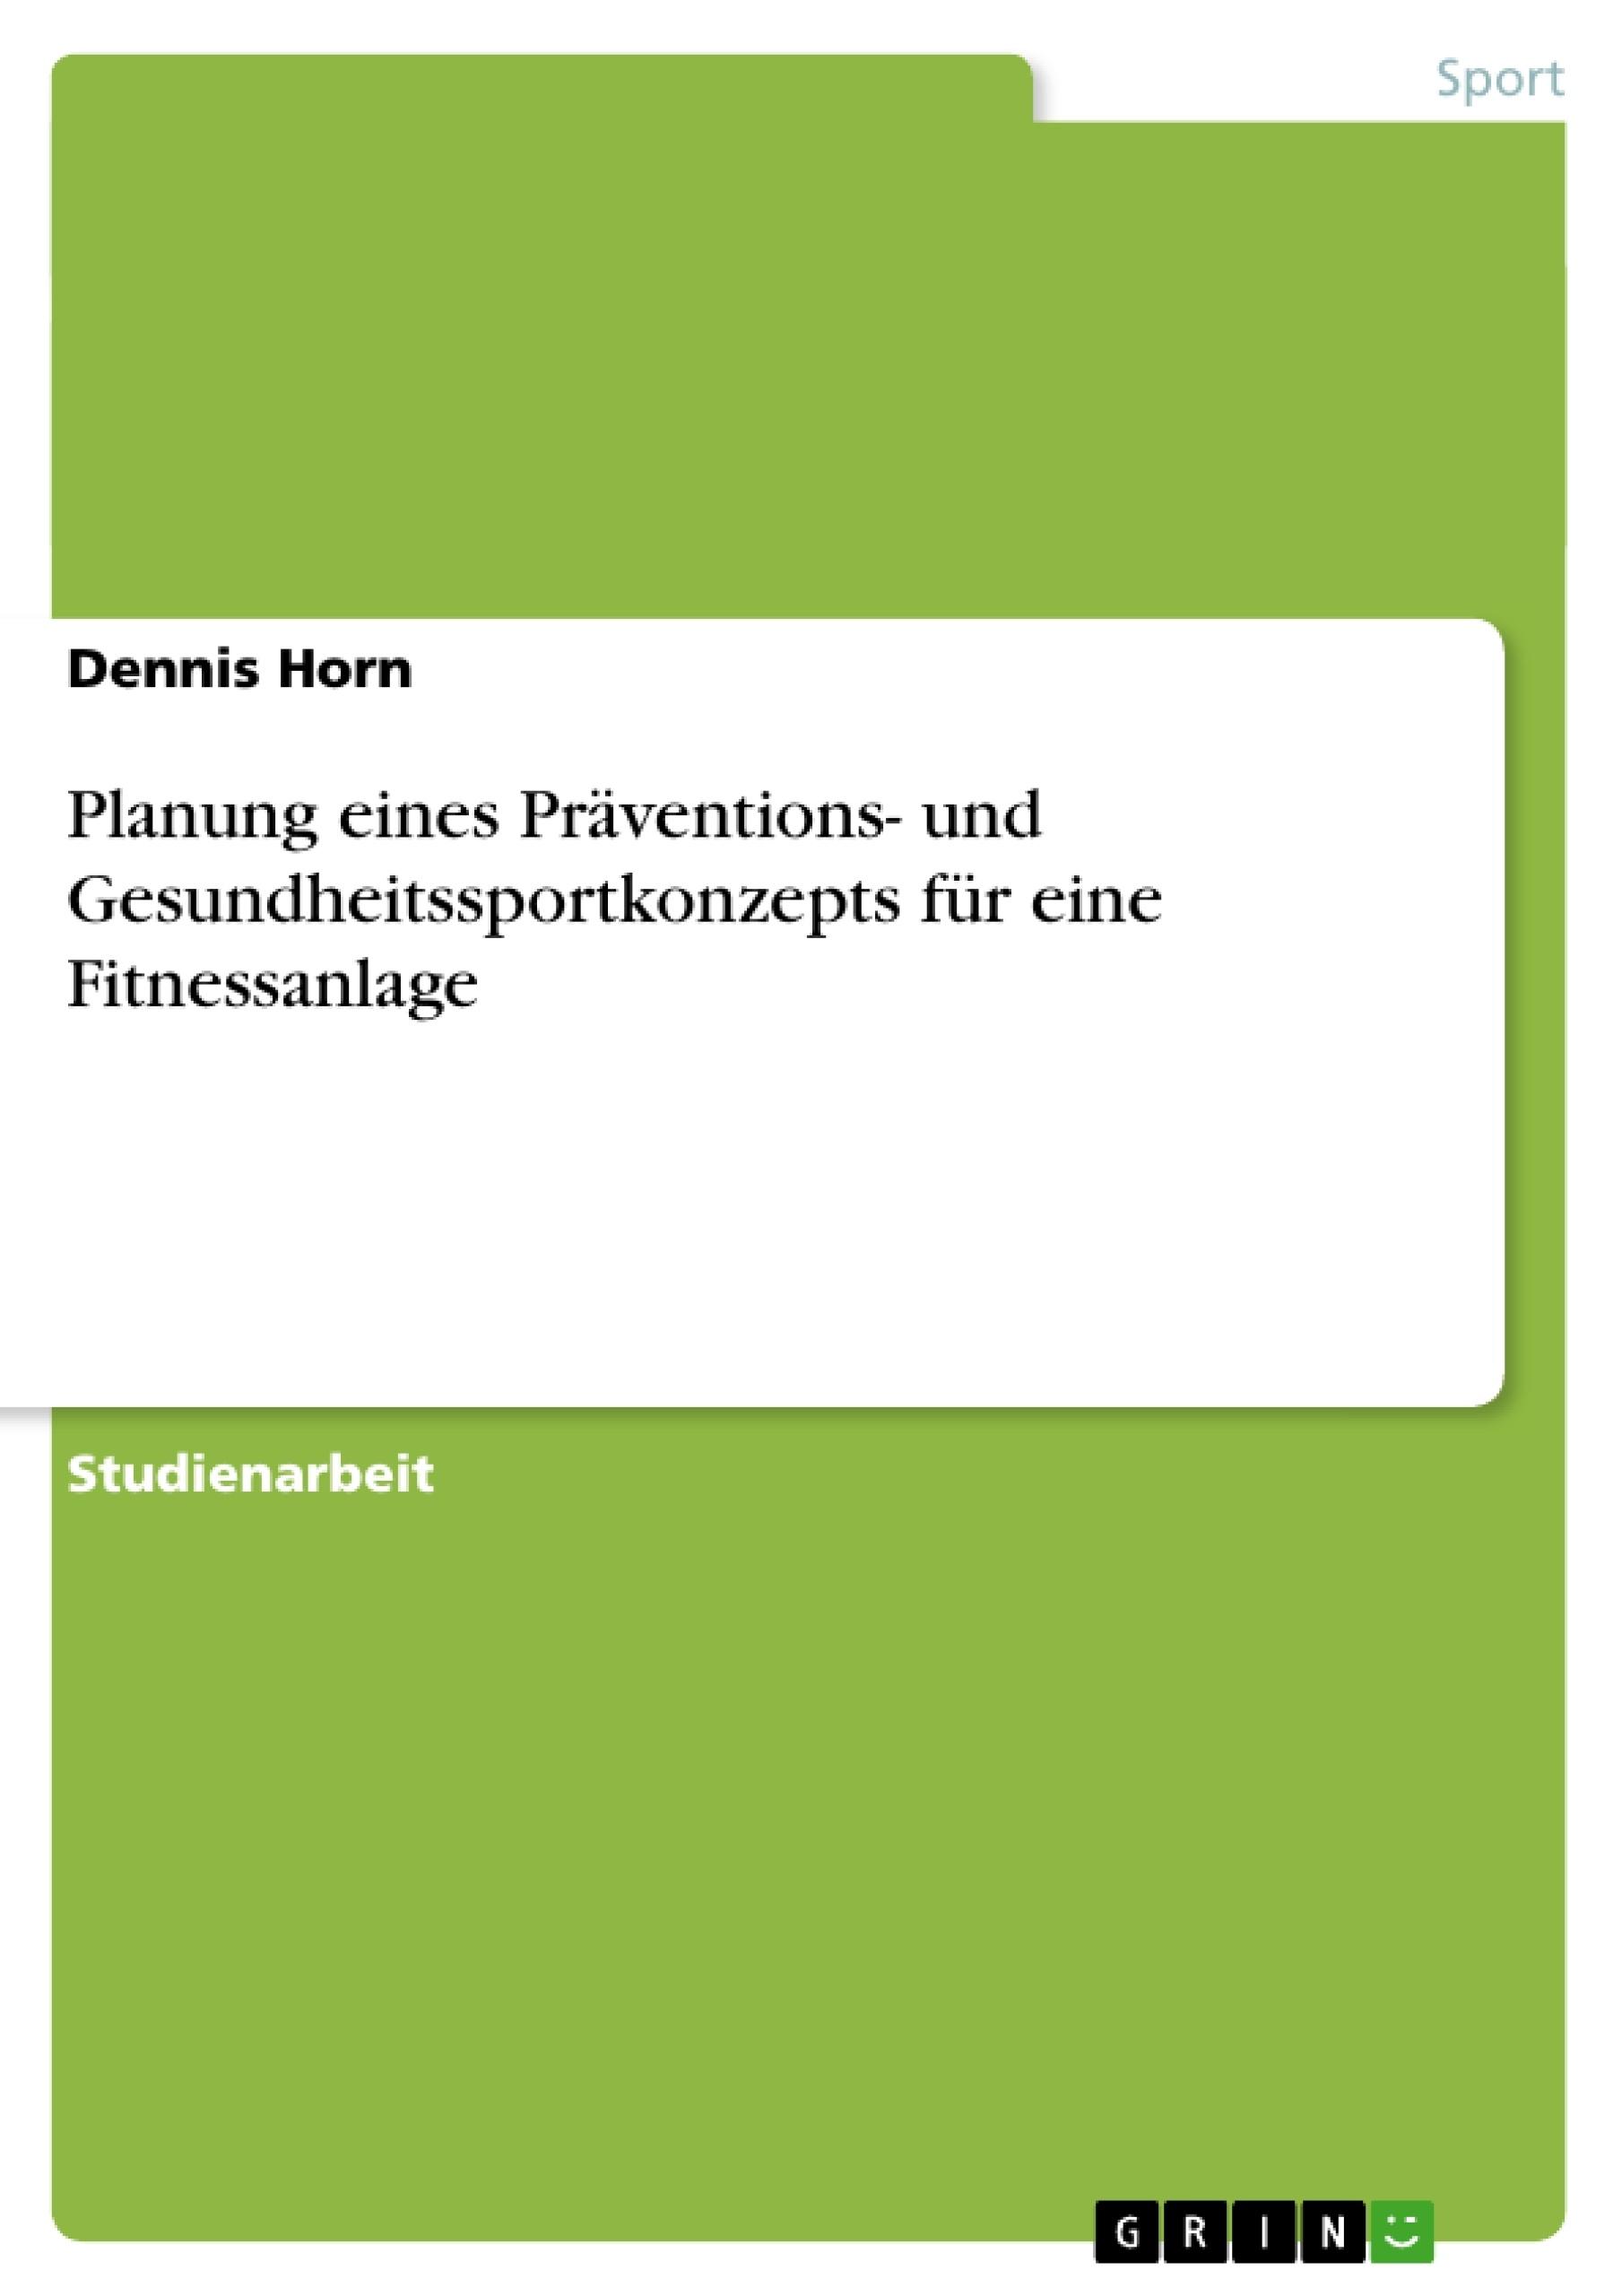 Titel: Planung eines Präventions- und Gesundheitssportkonzepts für eine Fitnessanlage